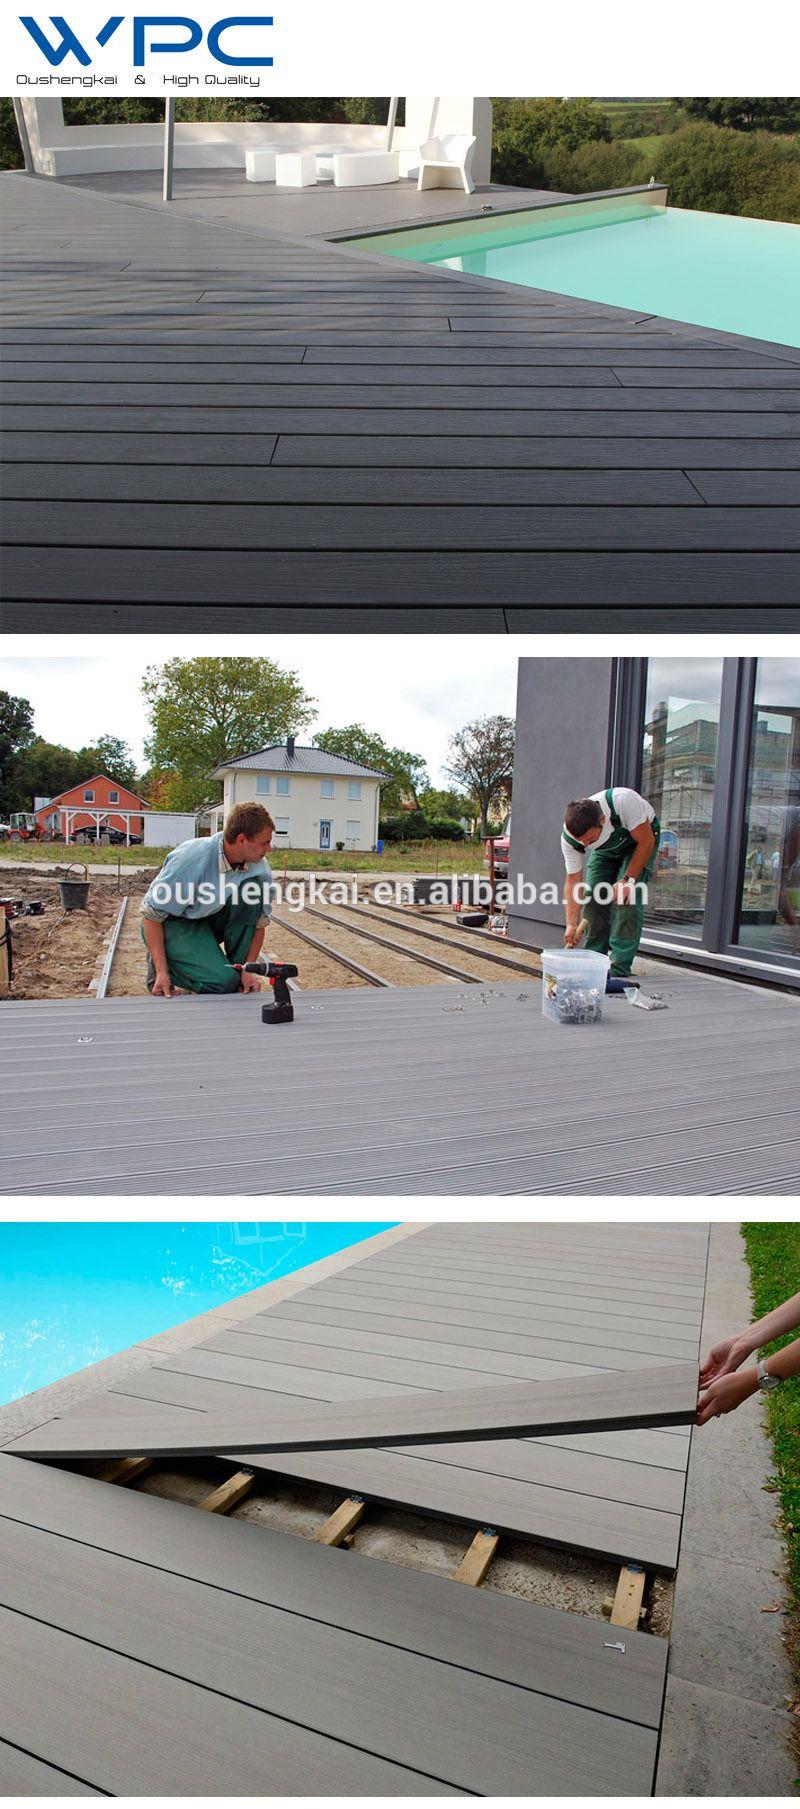 Cheap Price Wpc Waterproof Outdoor Deck Flooring - Buy ...